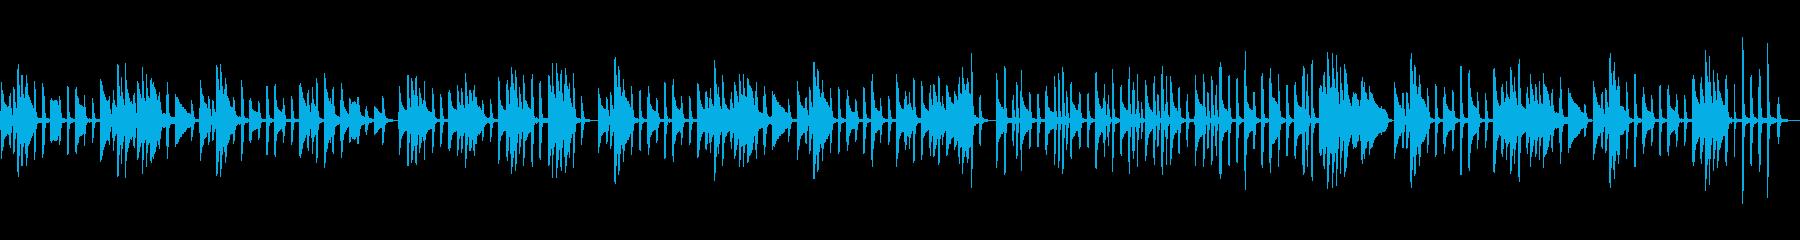 バラエティ番組風 コミカルなピアノソロの再生済みの波形